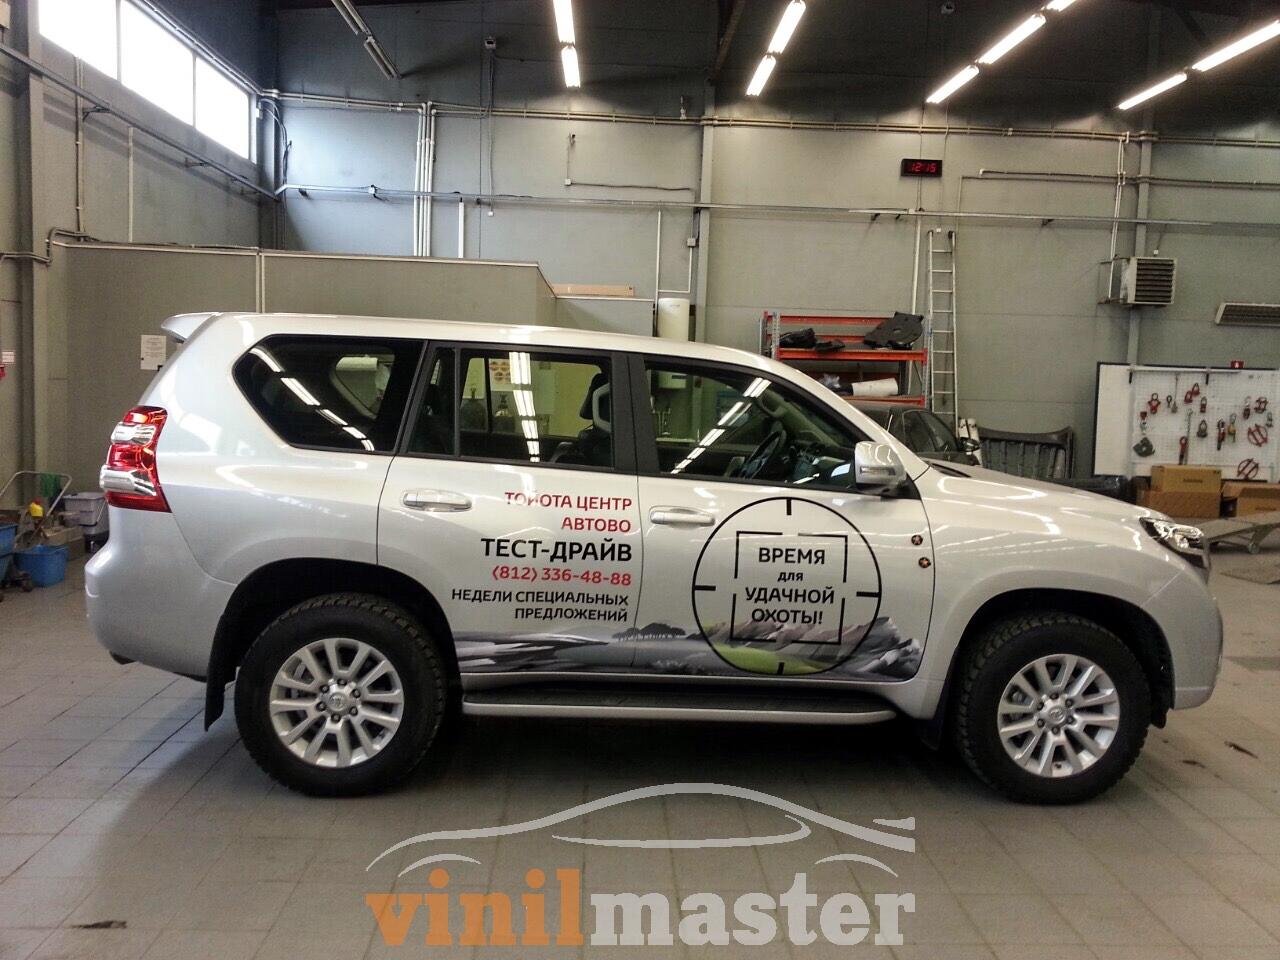 Брендирование Toyota для недели специальных предложений